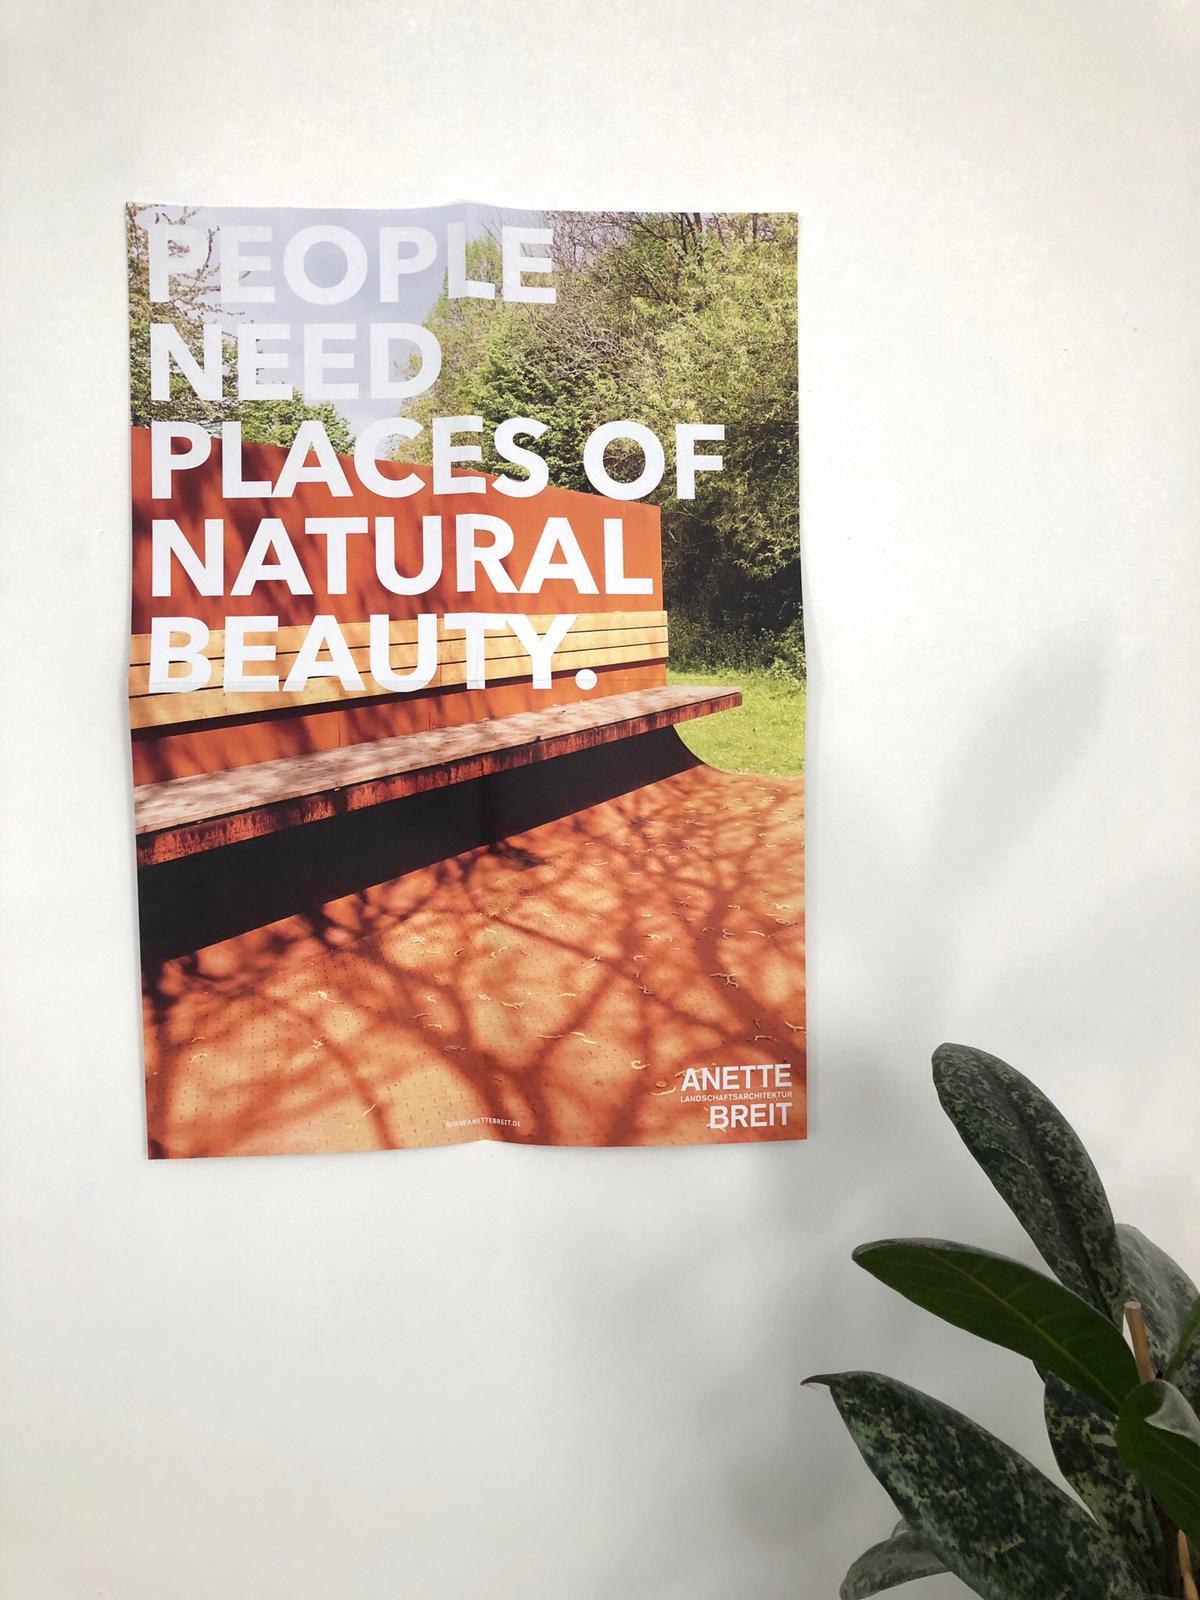 die basis_Plakat Anette Breit Landschaftsarchitektur